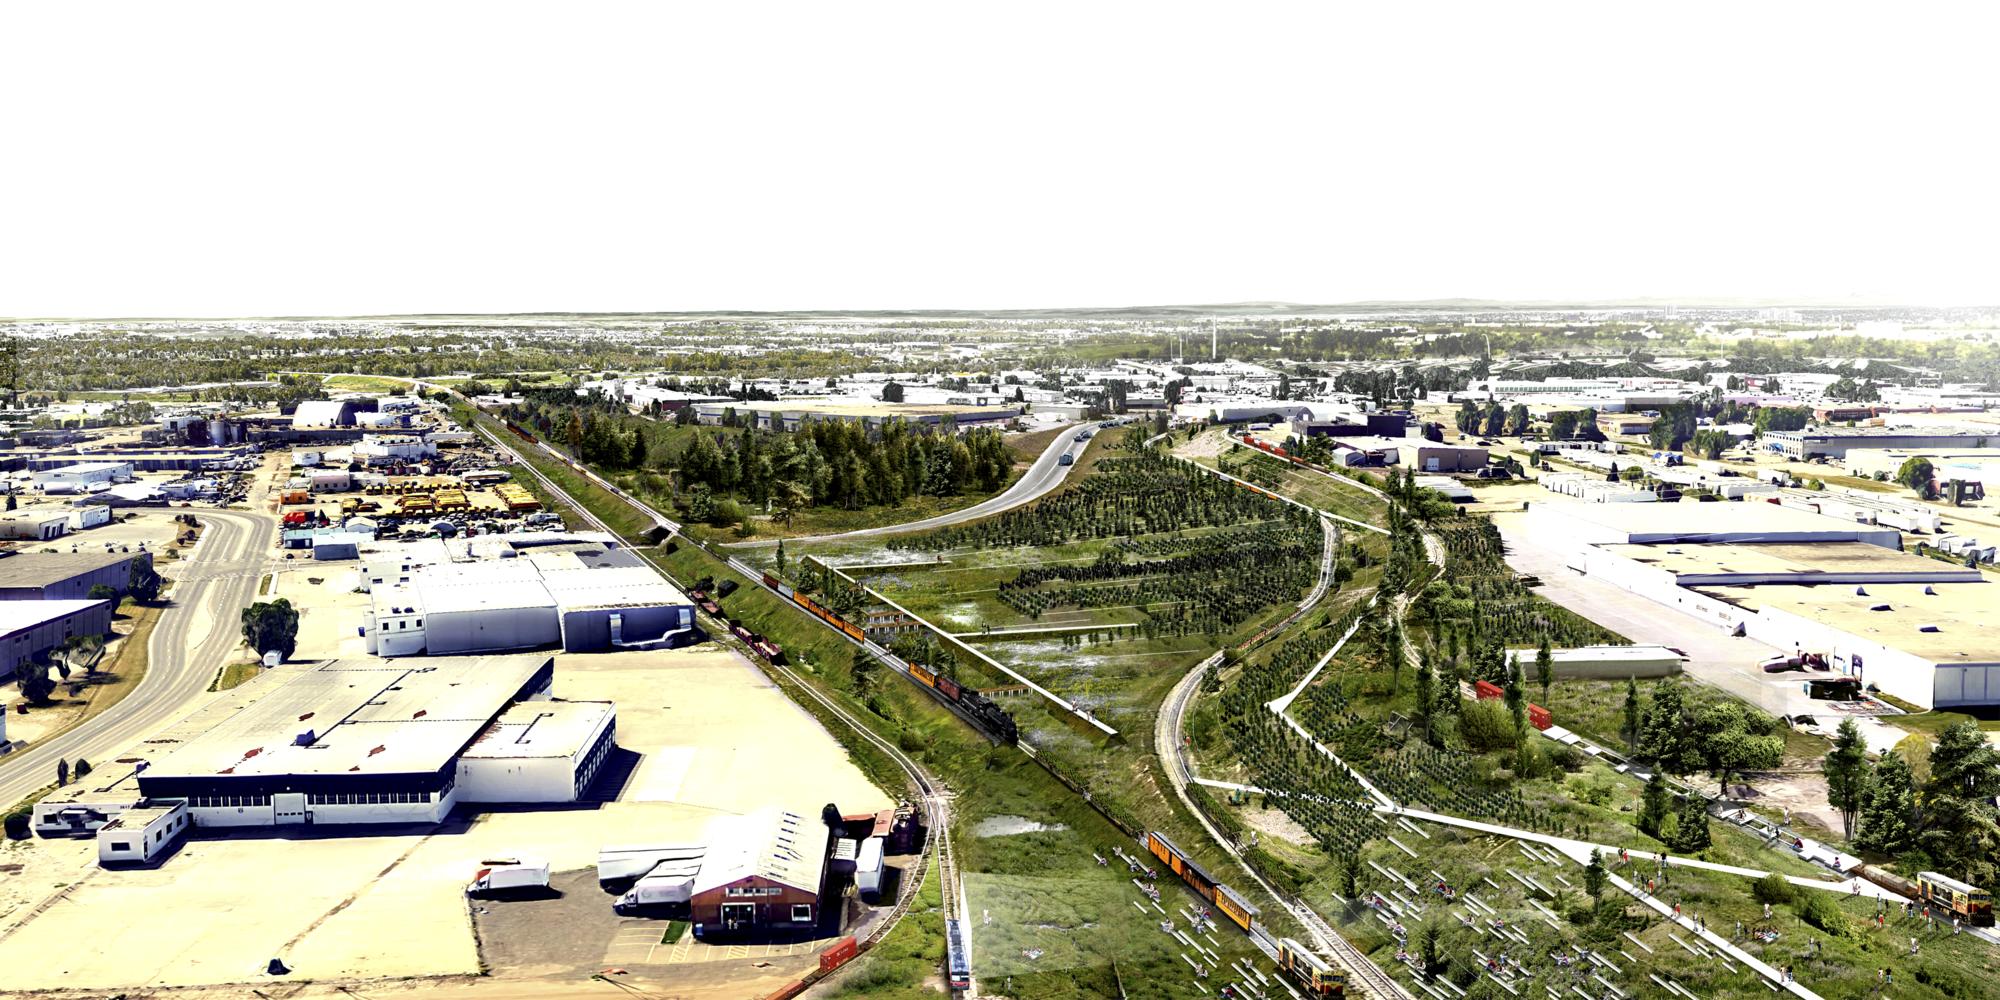 Concurso premiado plataforma arquitectura for Arquitectura del paisaje